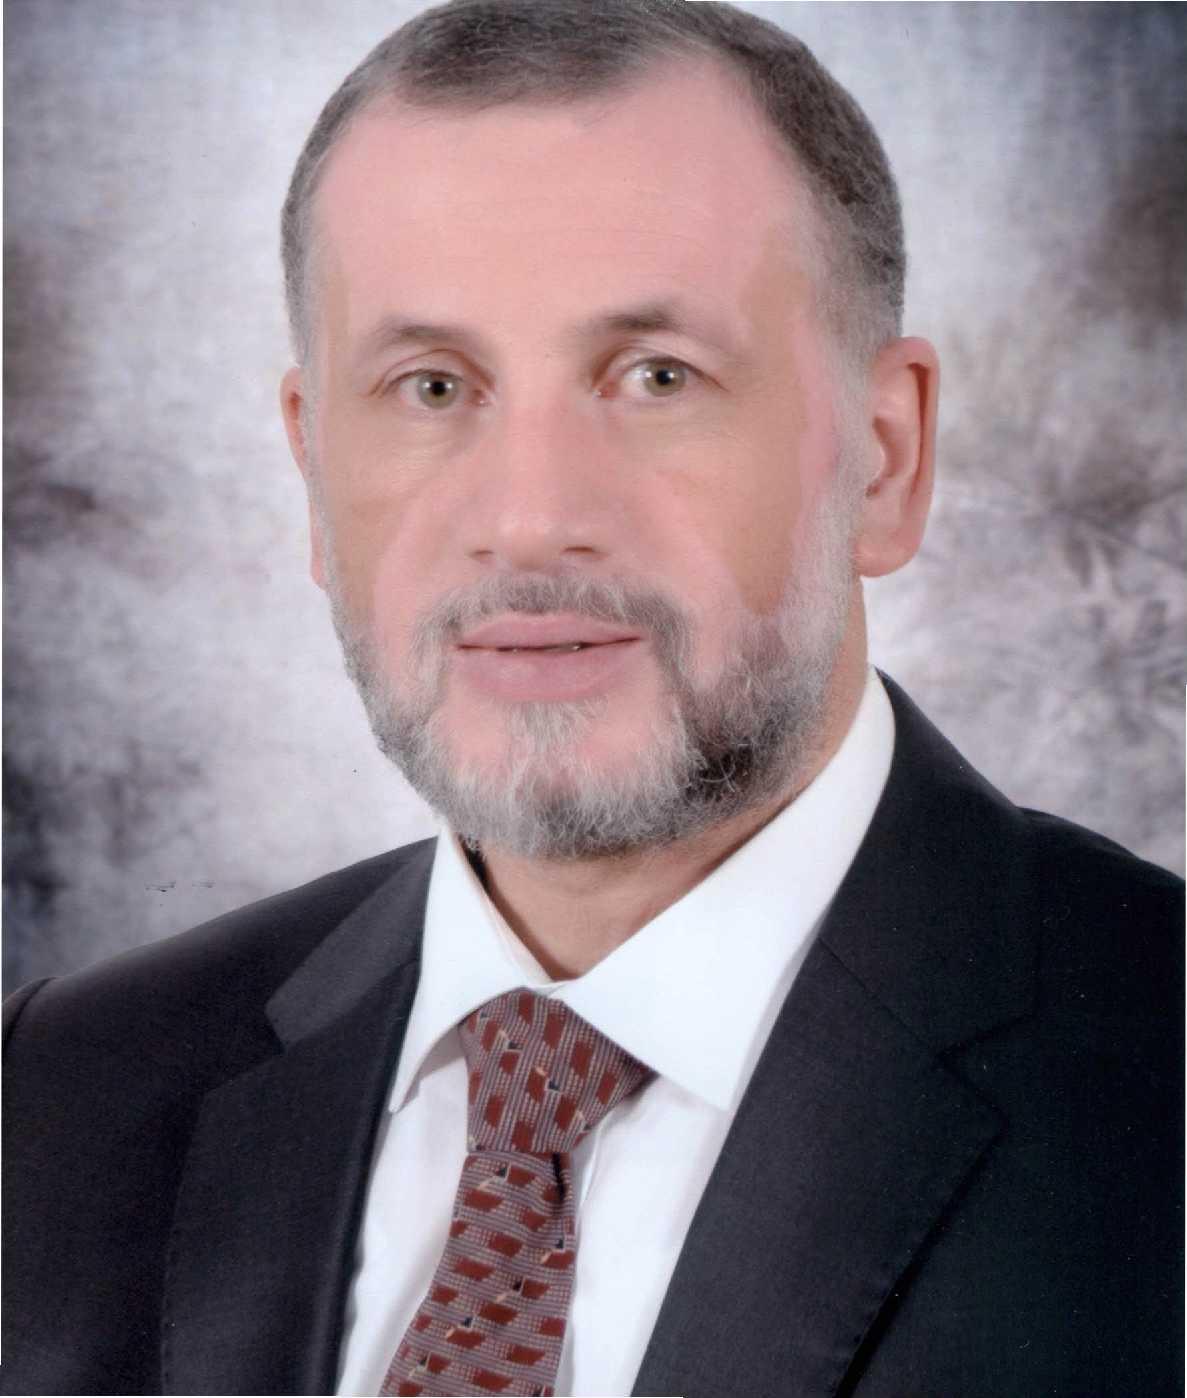 Hisham M. Aly